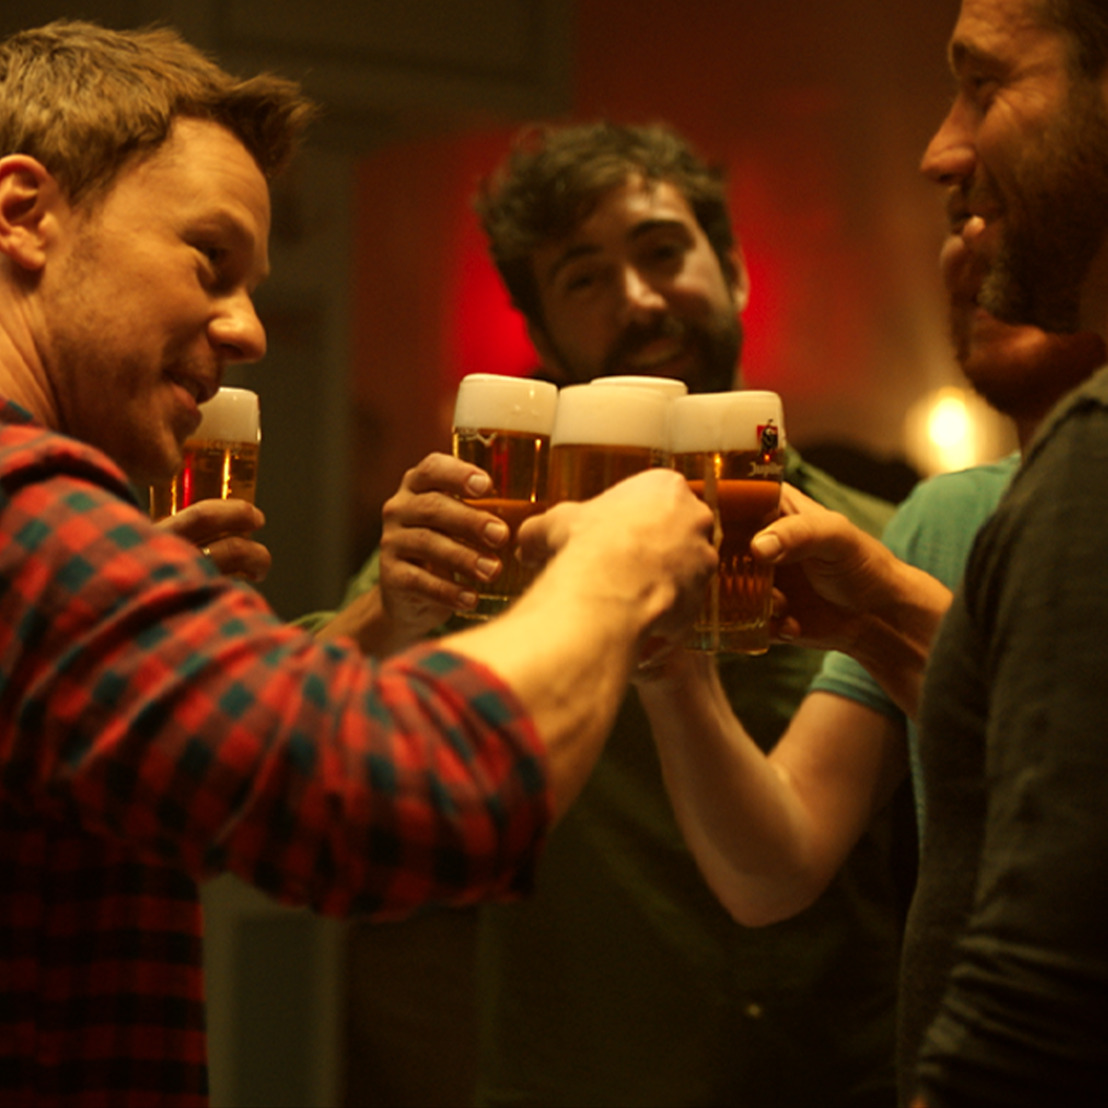 Arno en Triggerfinger met 'J'aime la vie' in unieke reclamespot rond verantwoord alcoholgebruik